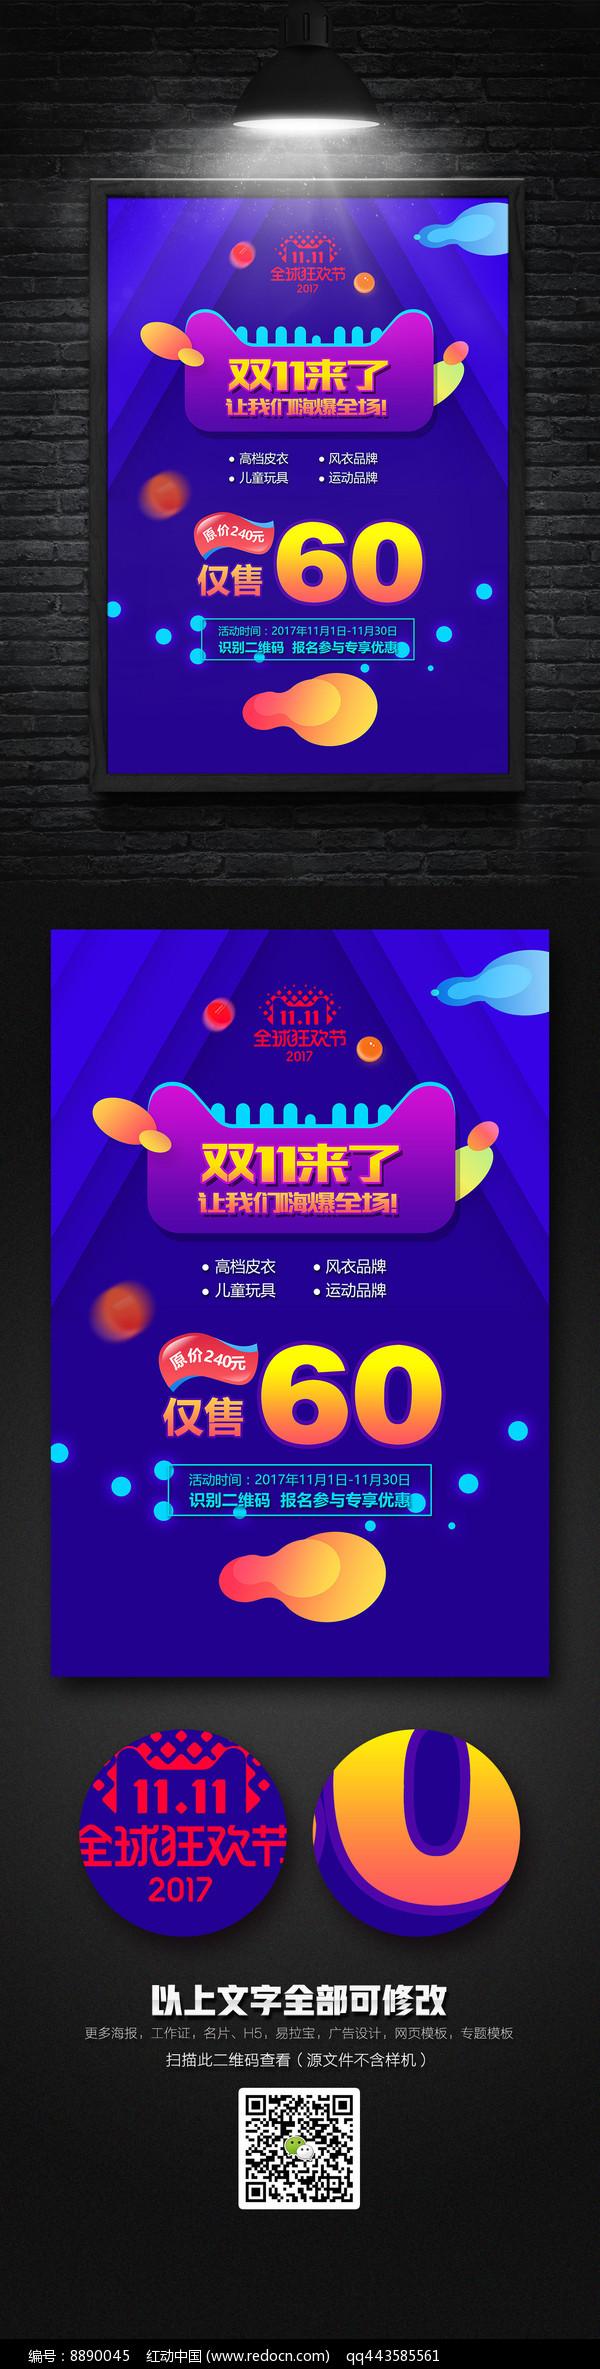 淘宝天猫双11活动促销海报图片